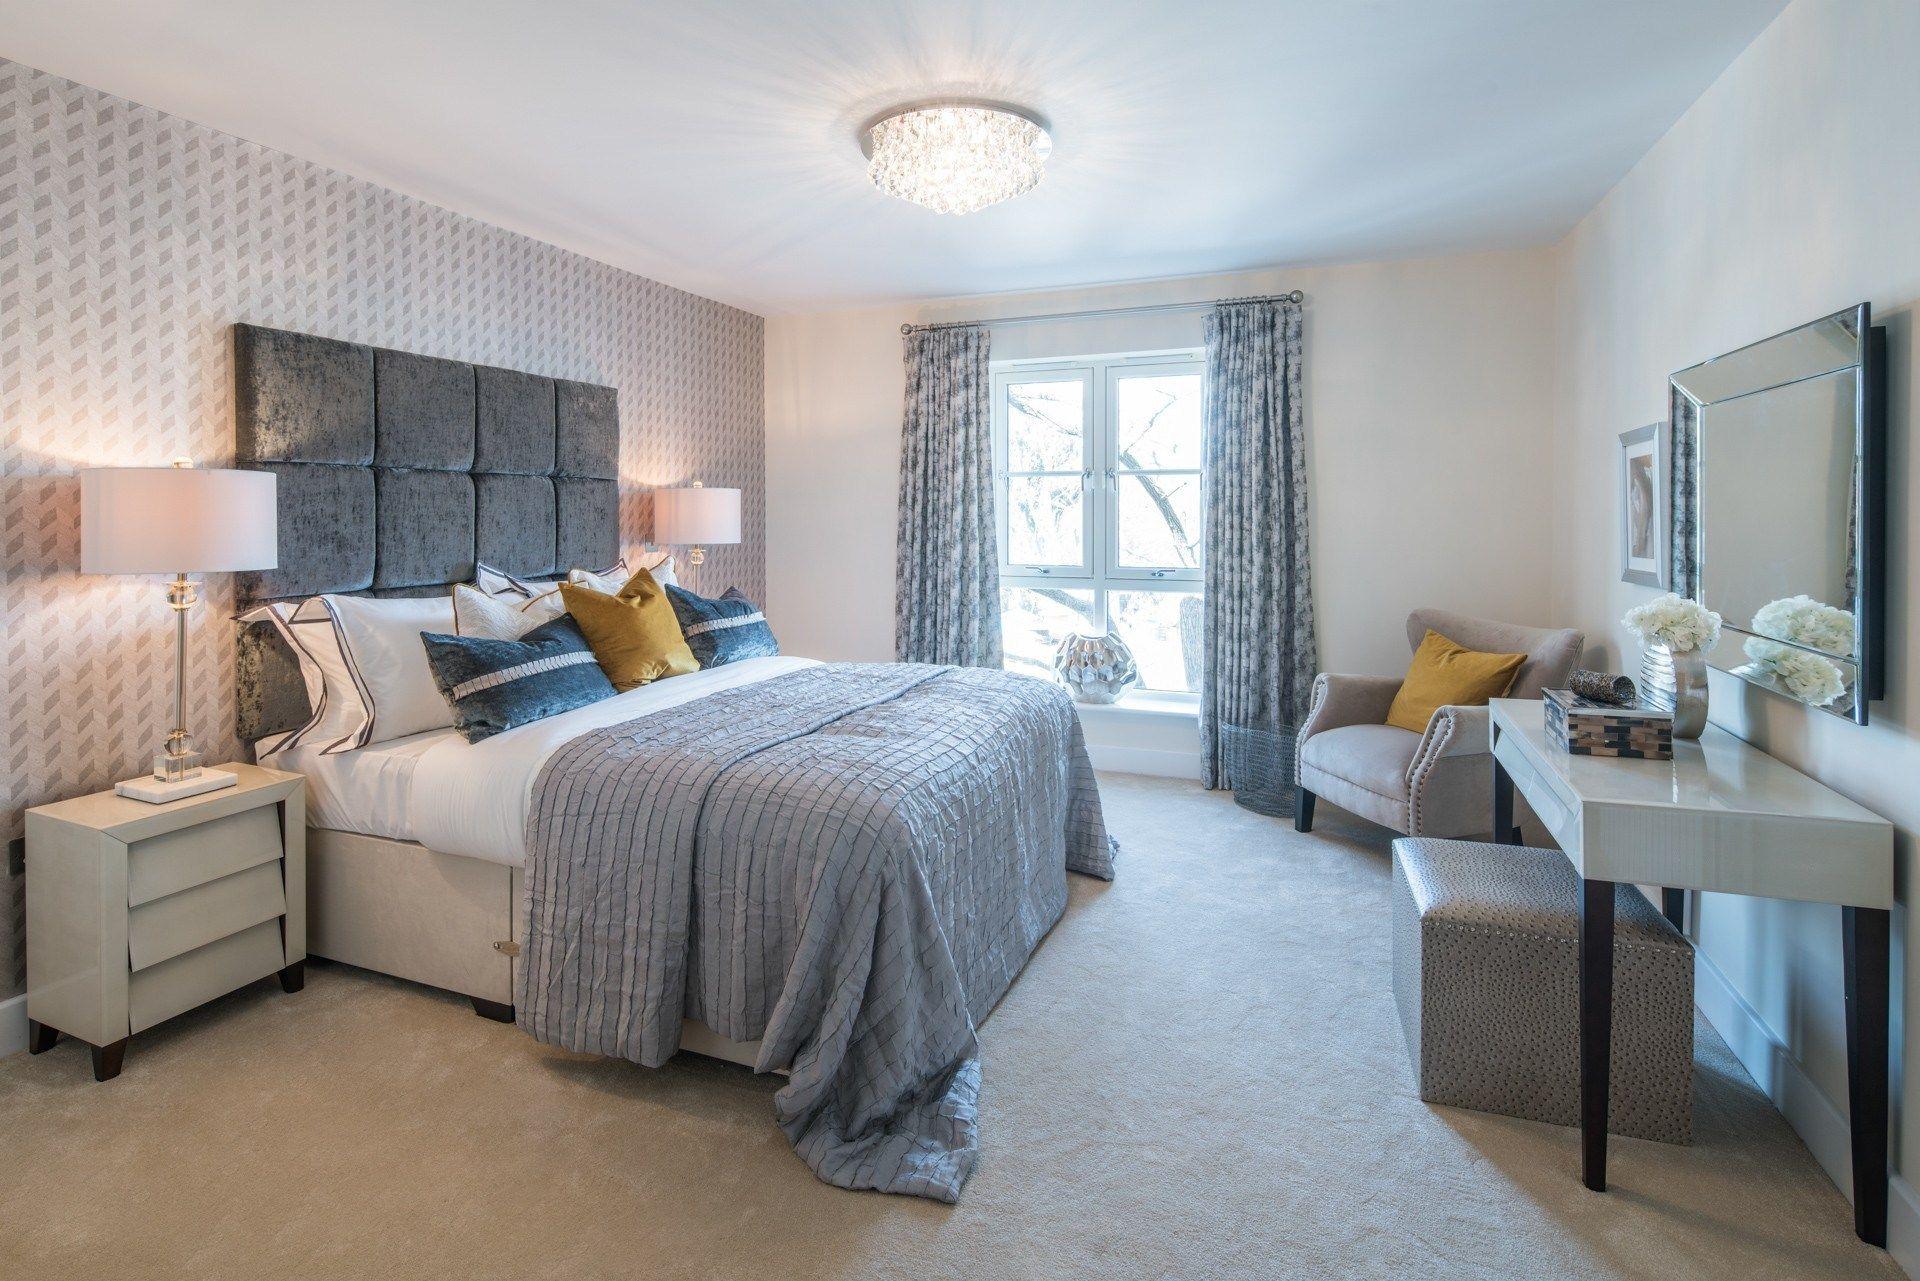 Fresh 1 Bedroom Apartments Portland 1 bedroom apartment